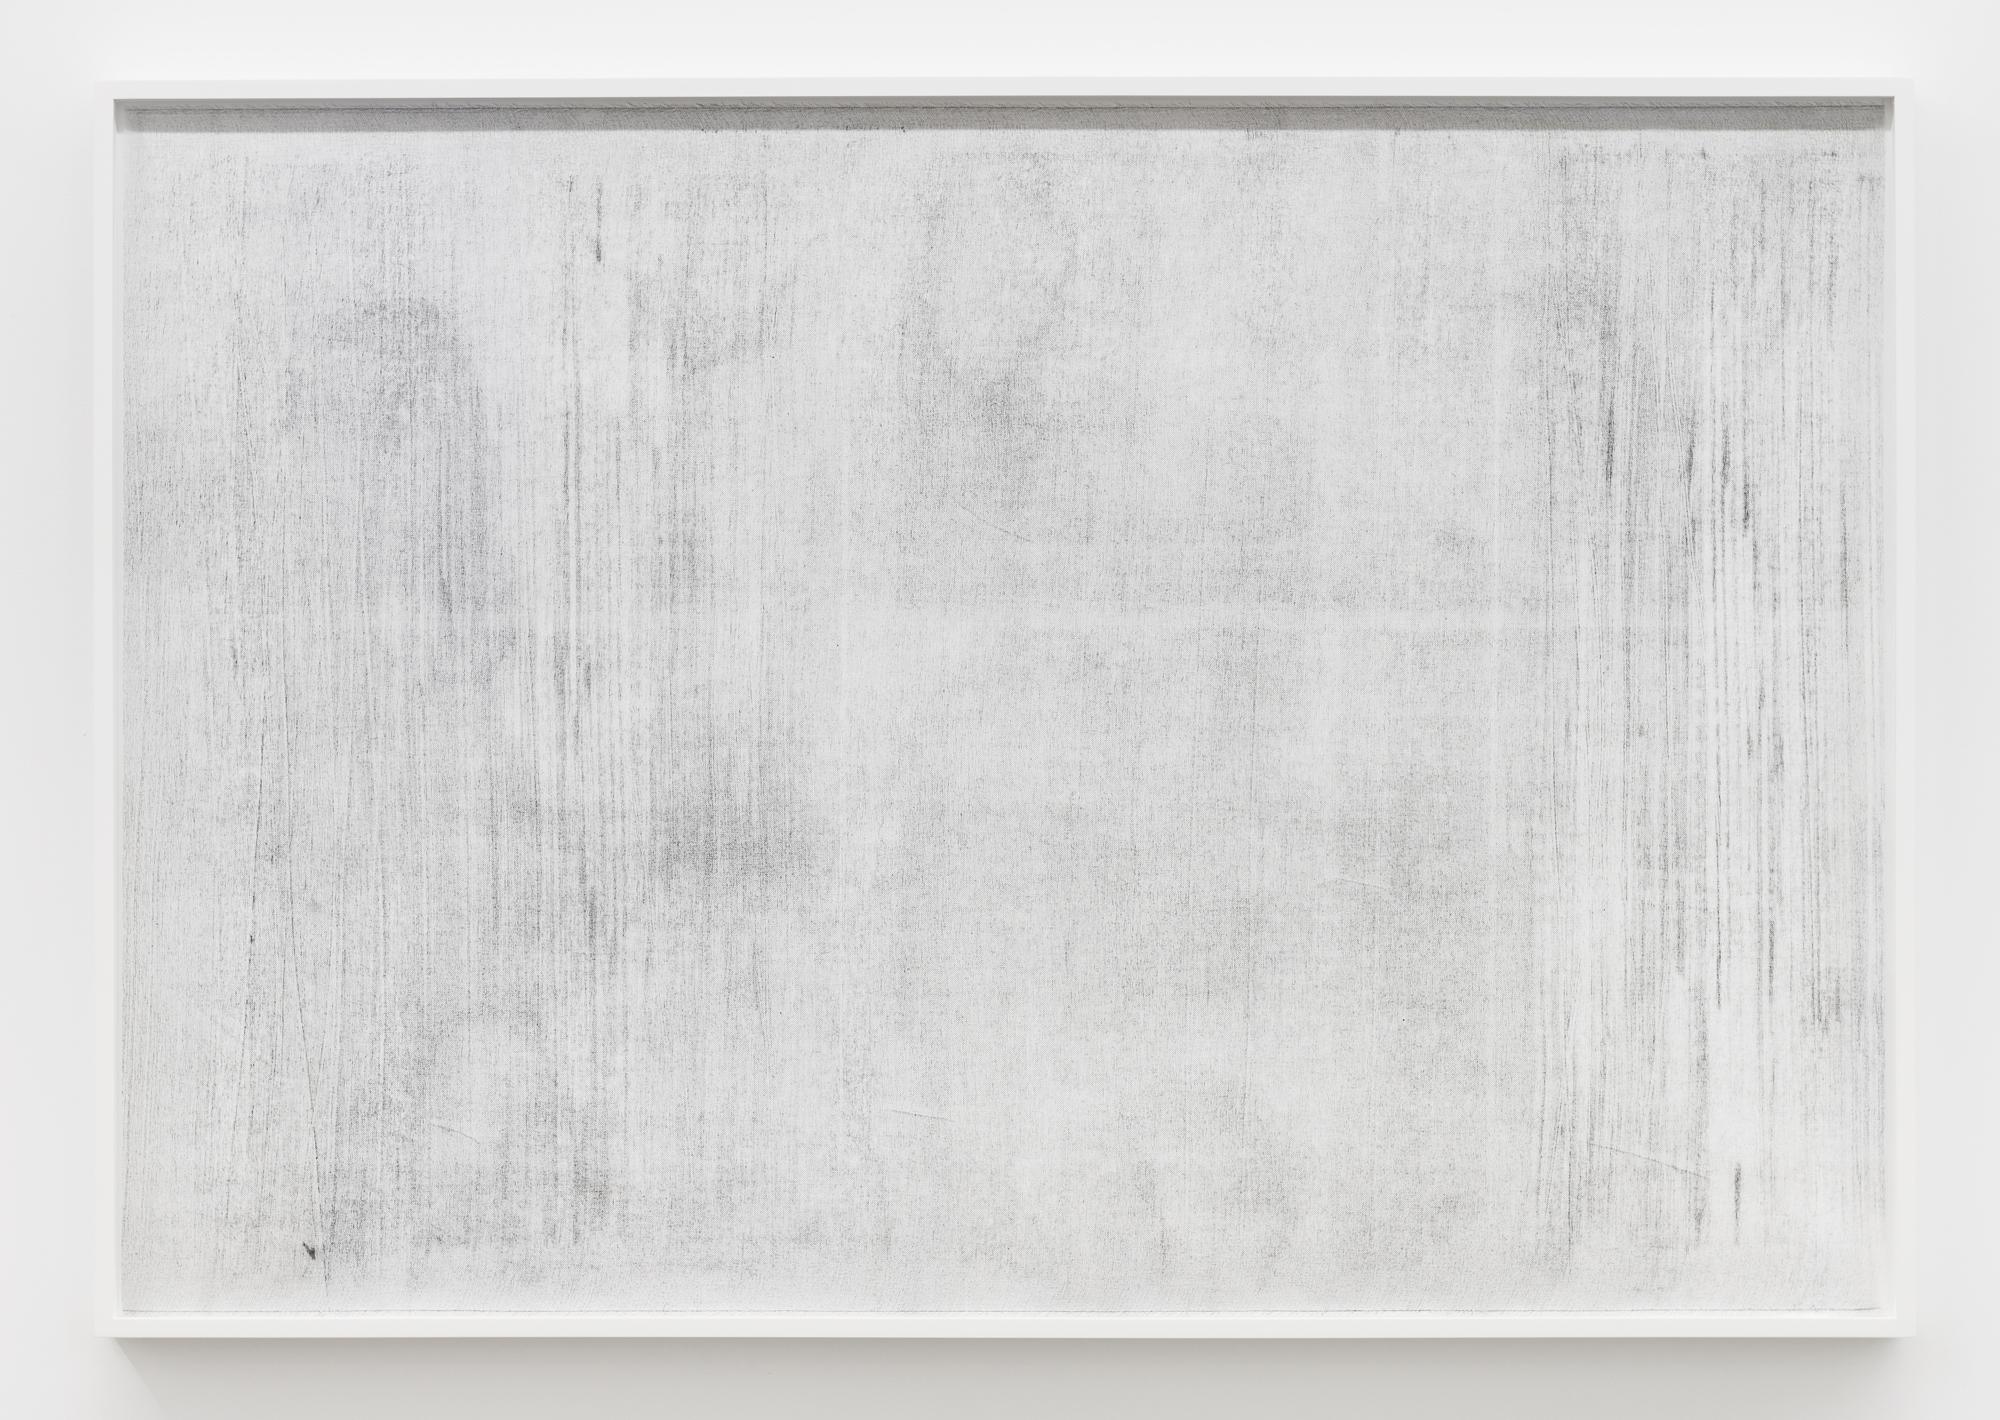 """Jim Verburg,  Sans titre (Where it becomes clear #1) , 2018, huile graphite et fusain sur tarlatan, 102 x 147 cm (41"""" x 59"""")"""